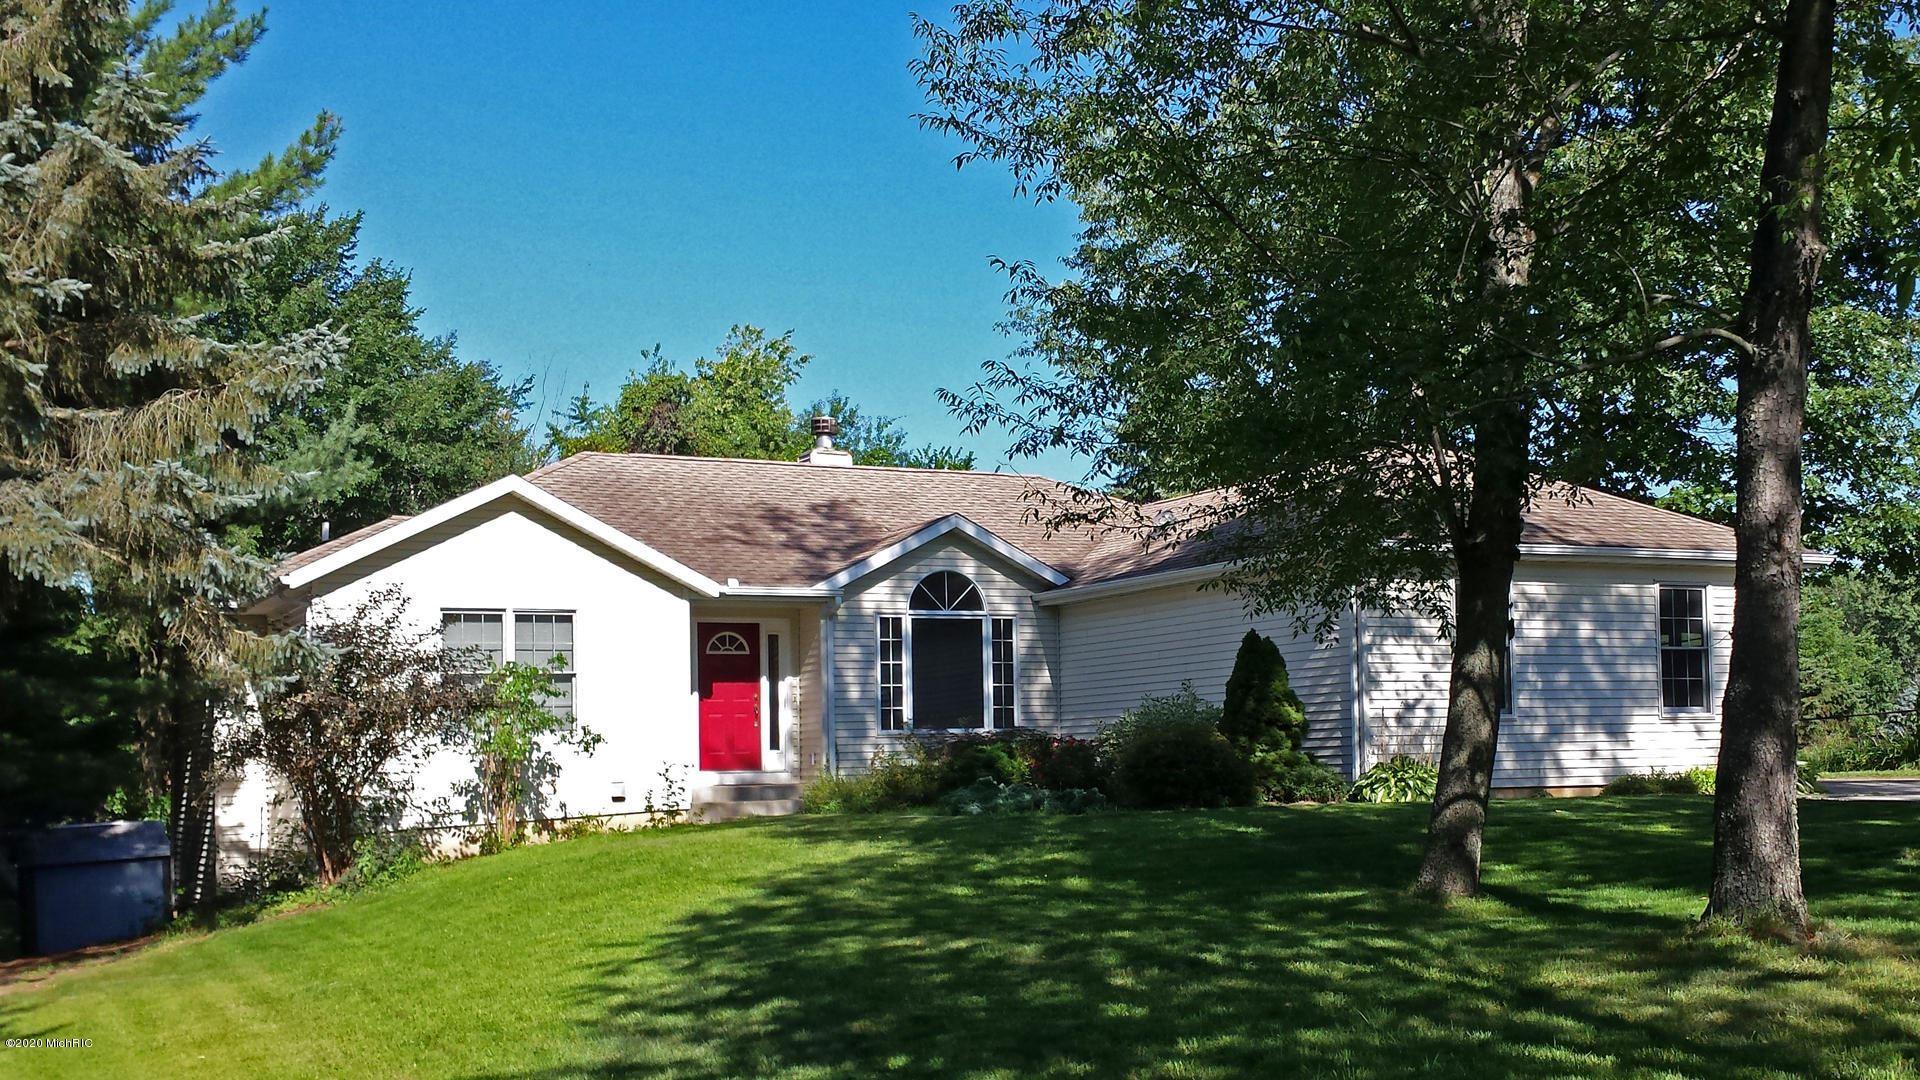 10844 Ridgewood Trail, Berrien Springs, MI 49103 - MLS#: 20007608